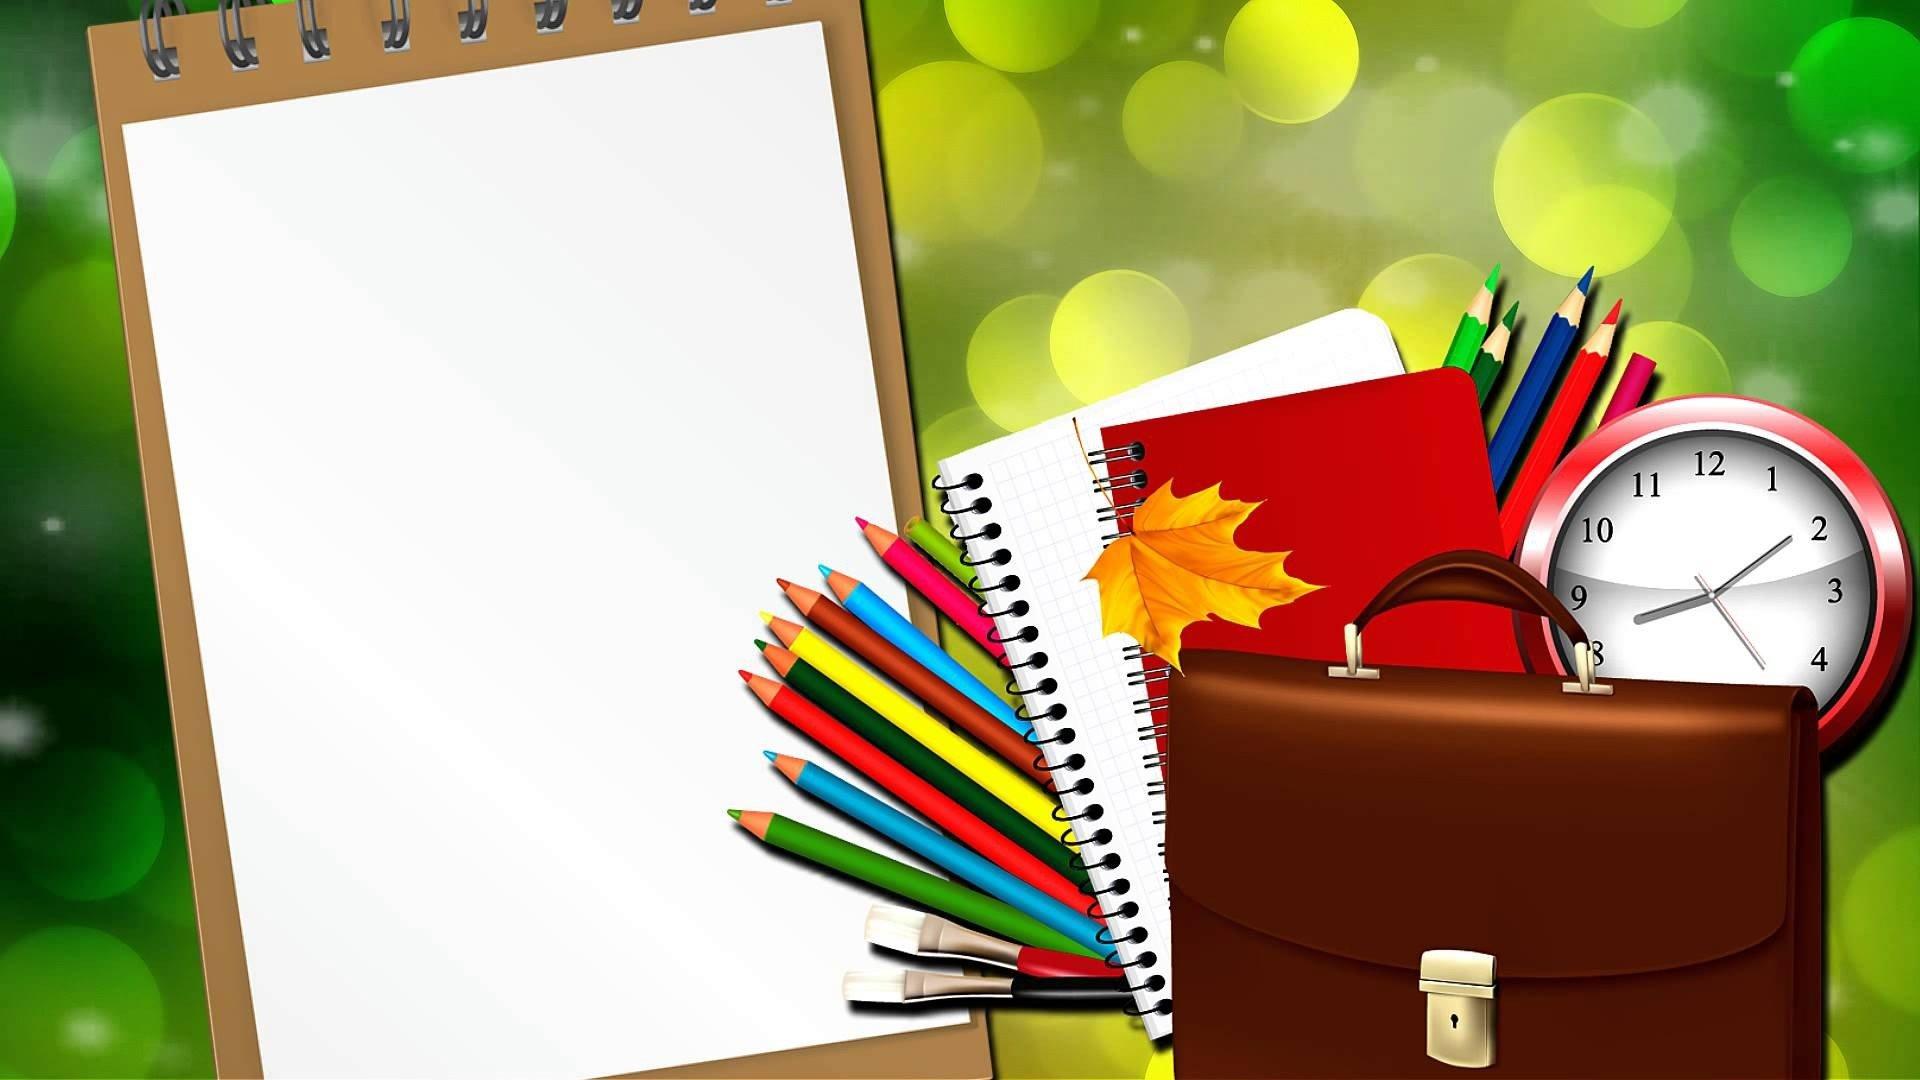 Фон для открытки на день знаний